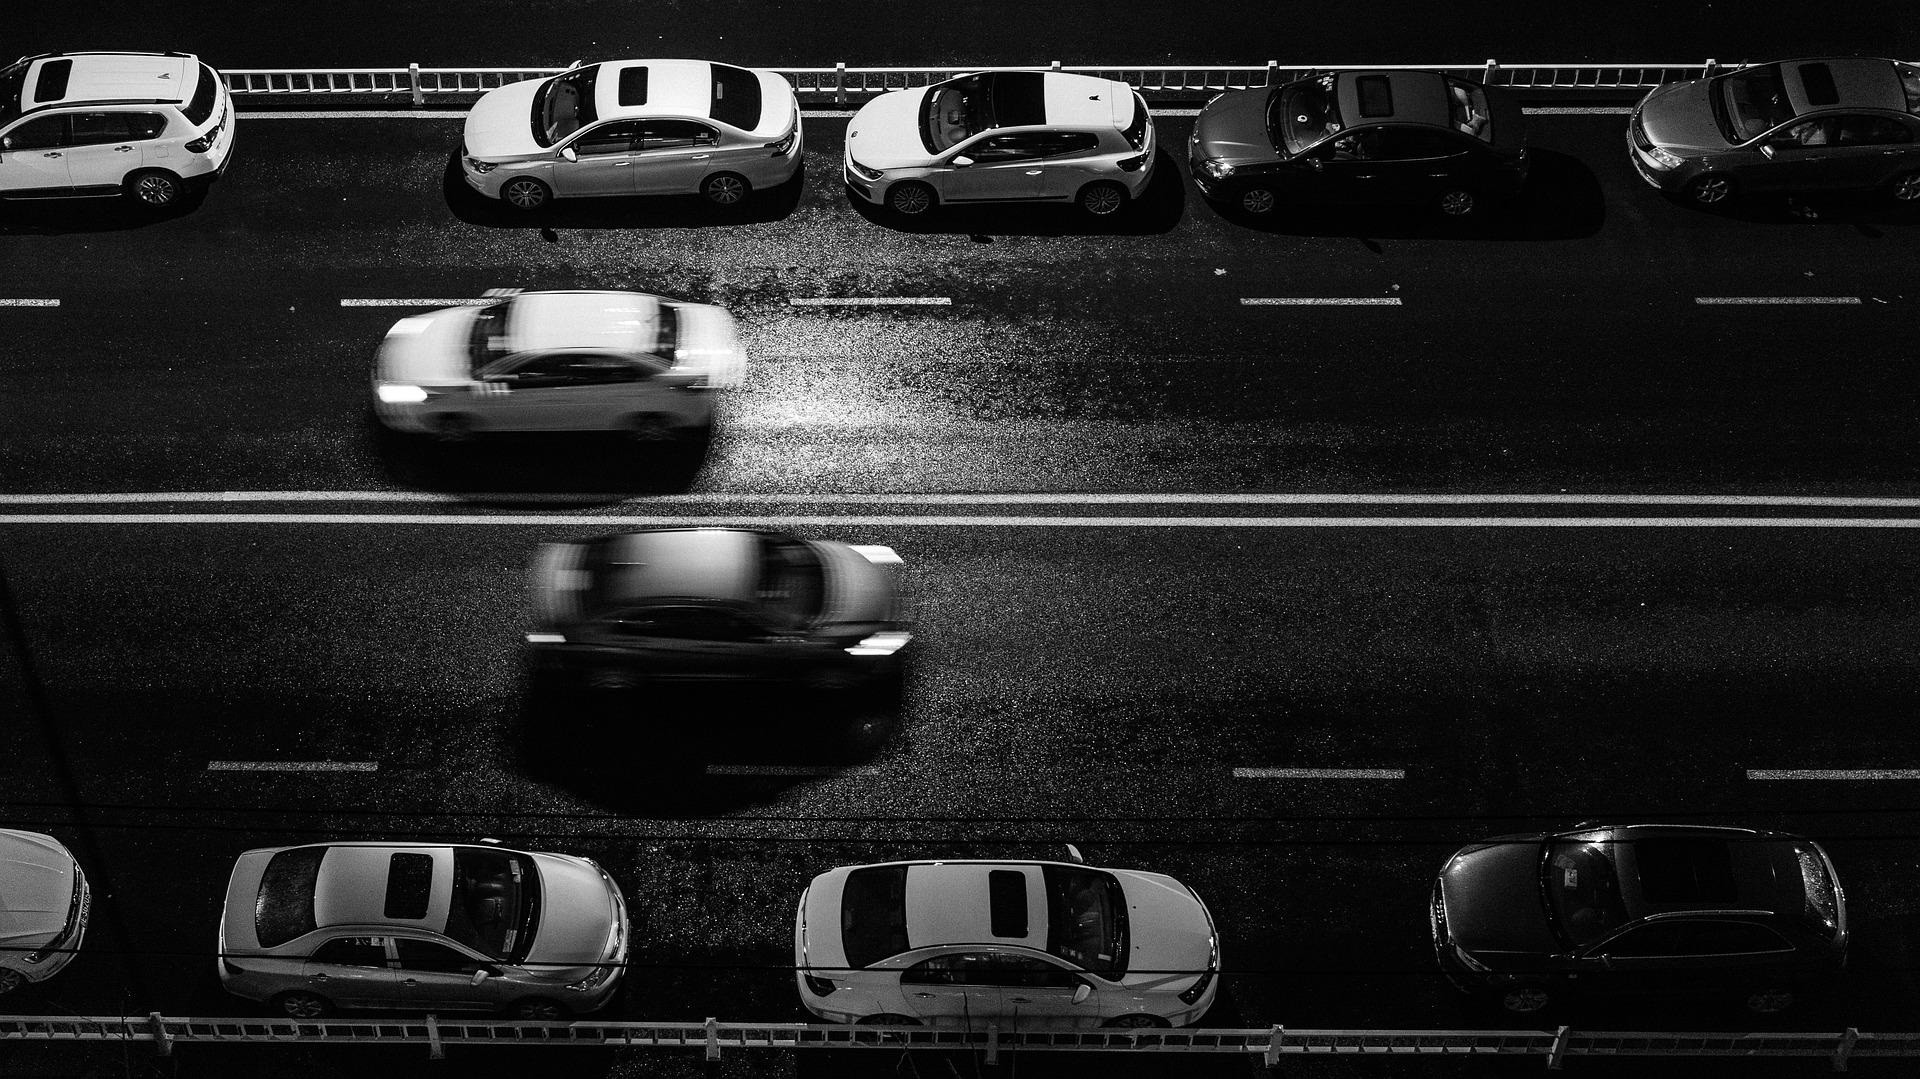 בחיי שחיפשתי מונית אין, צילום אילוסטרציה